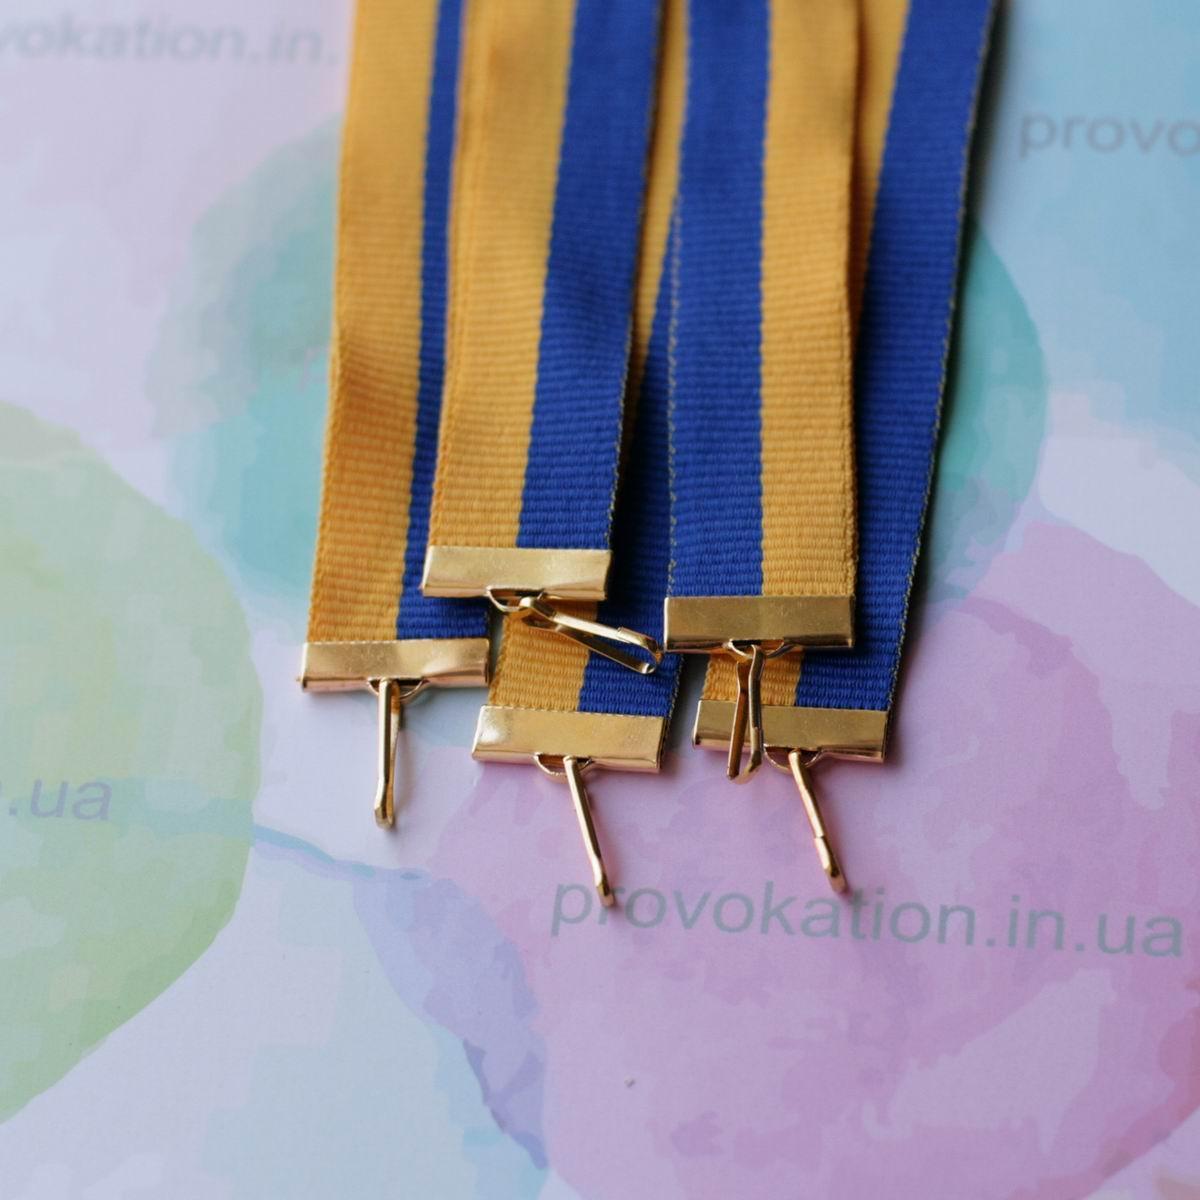 Репсовая лента для медалей и наград, жёлто-синяя, 20мм, 65см